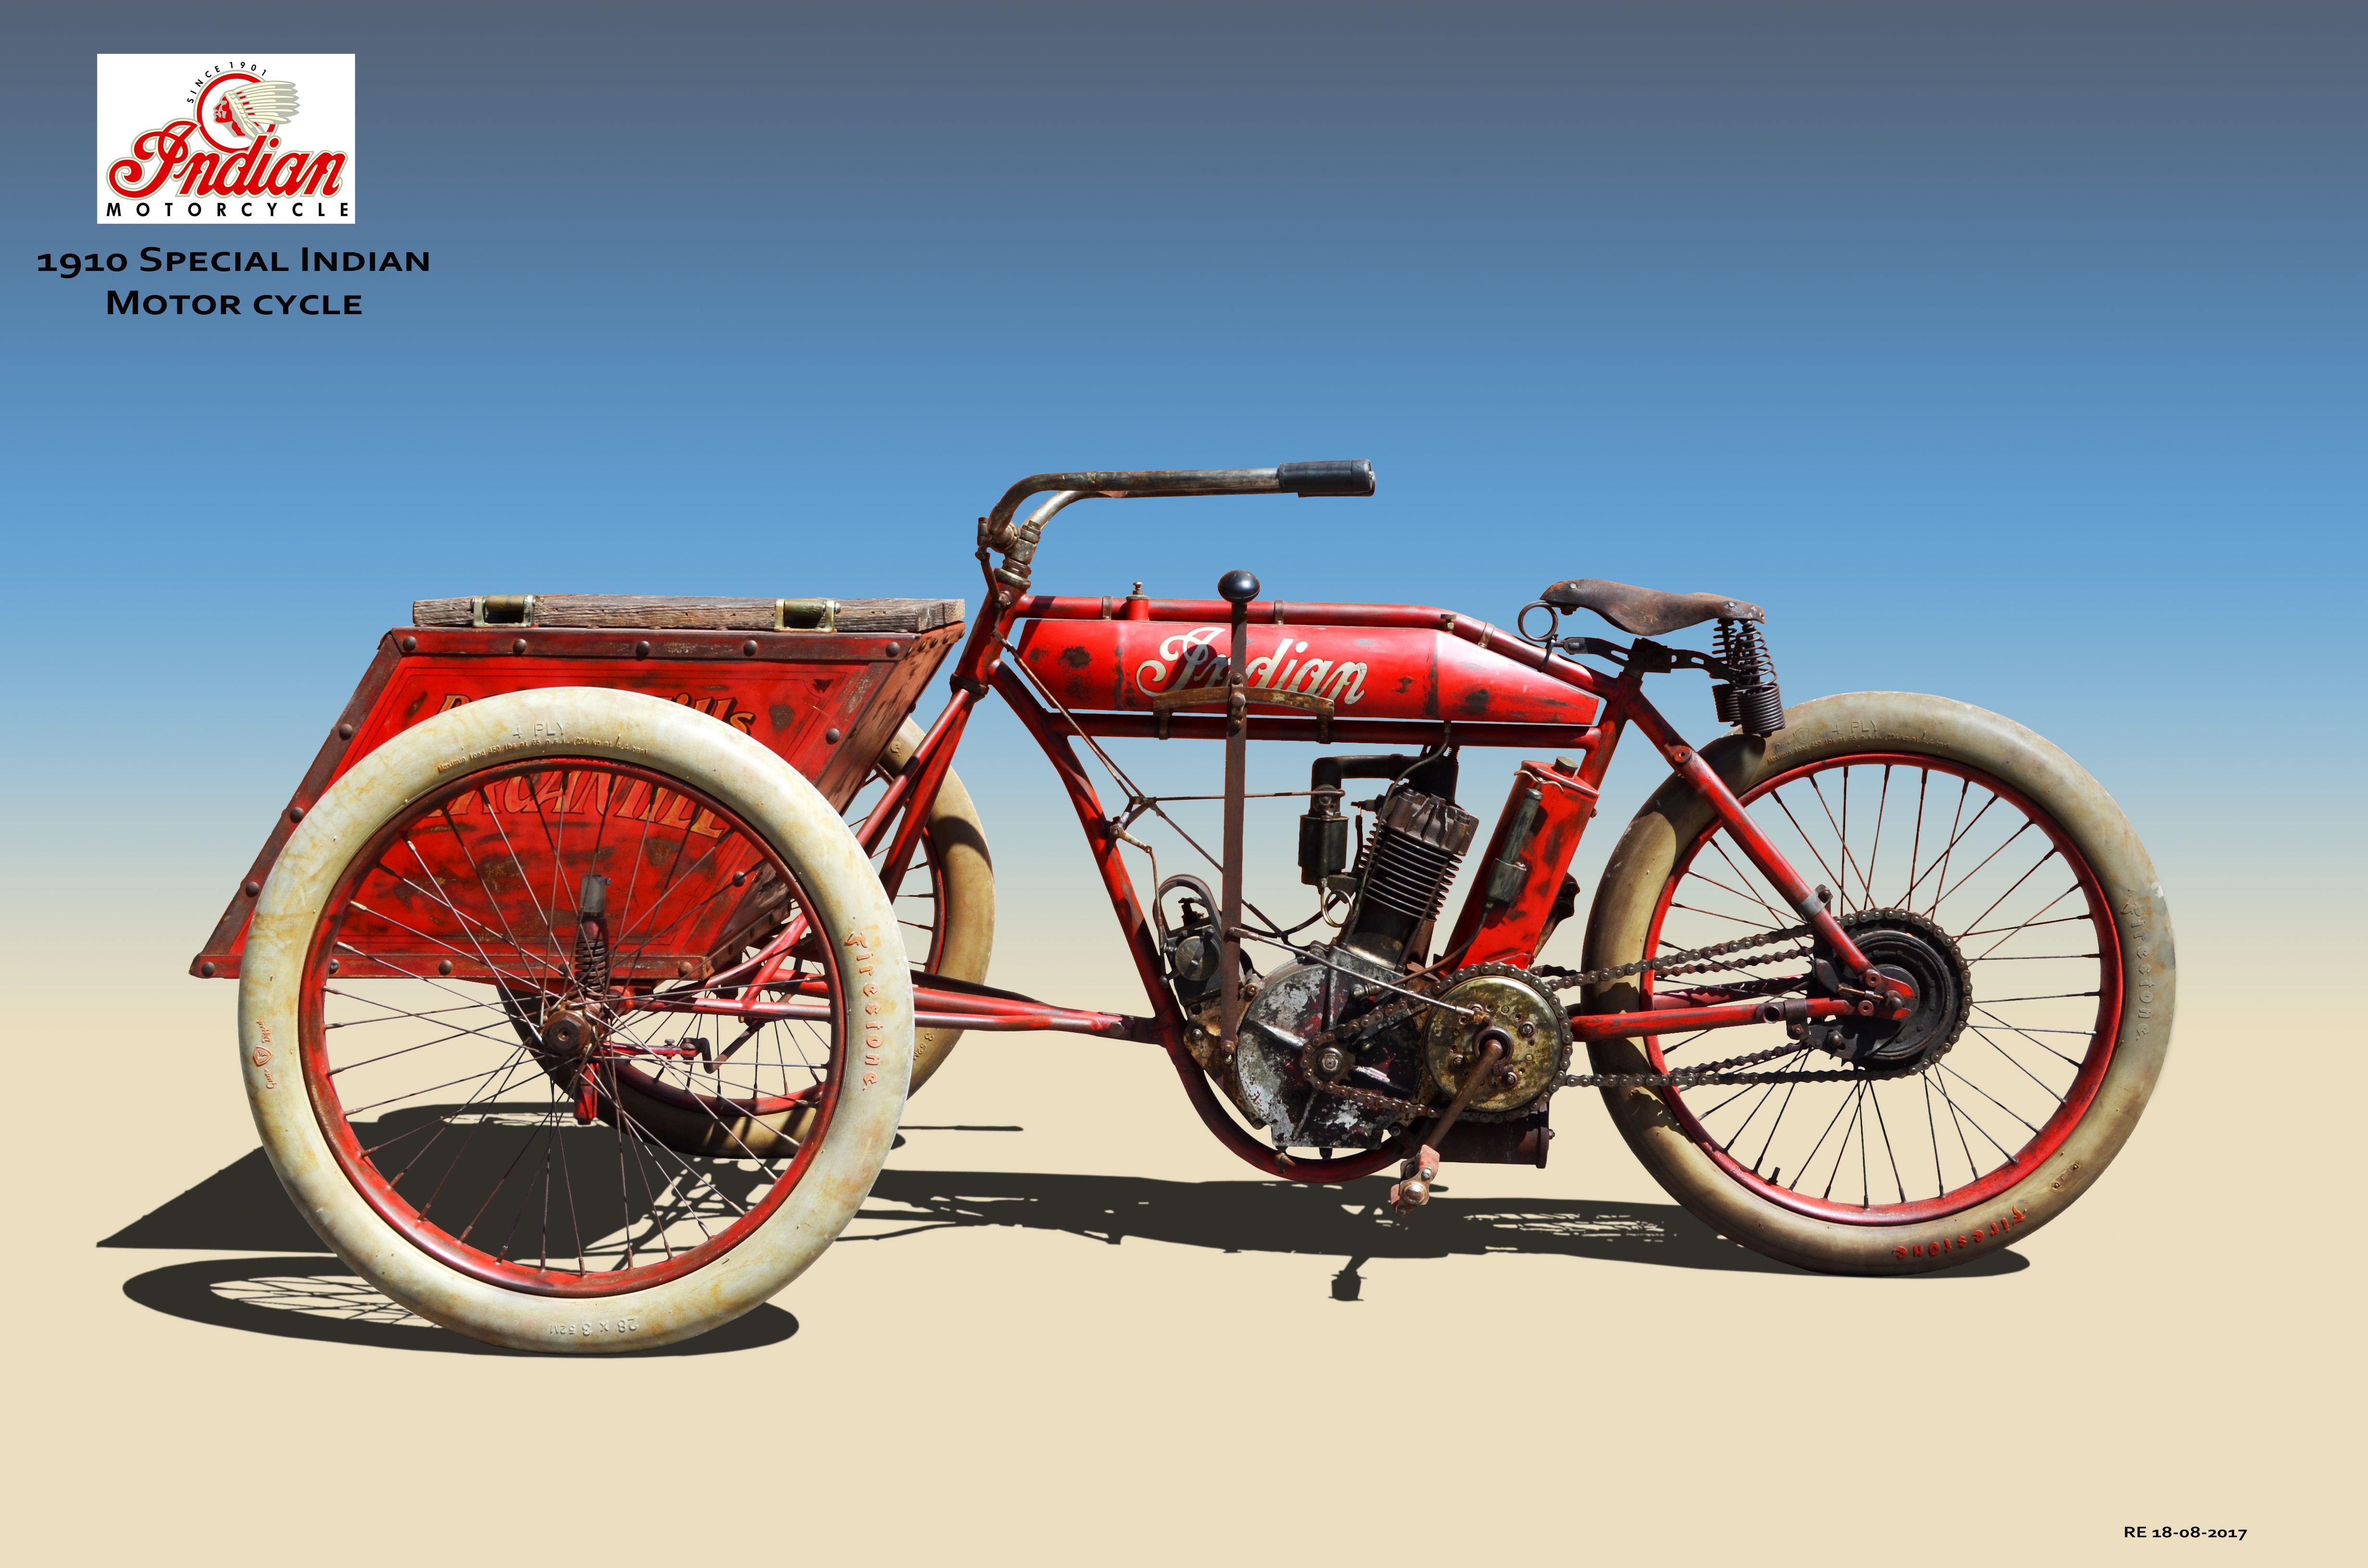 1910 Indian Special Motorcycle Aangepaste Motoren Motor Oldtimers